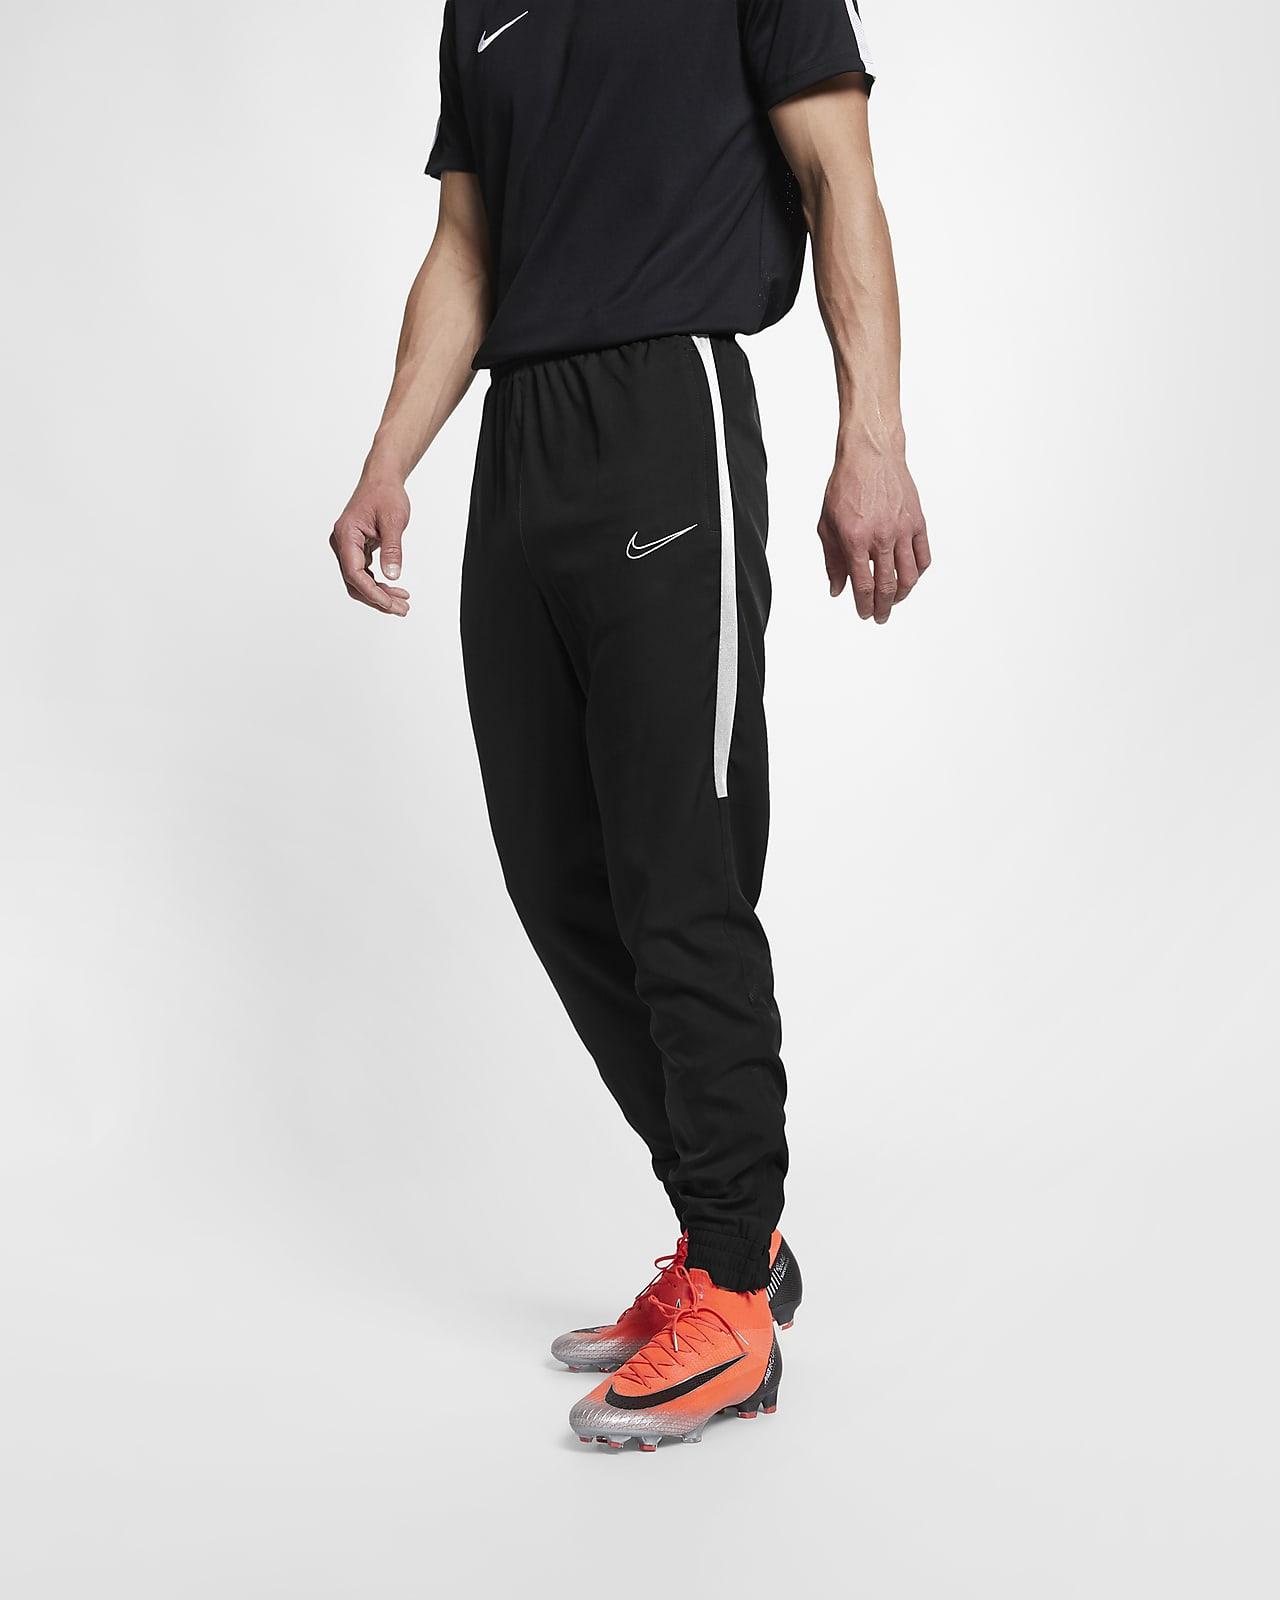 กางเกงฟุตบอลผู้ชาย Nike Dri-FIT Academy